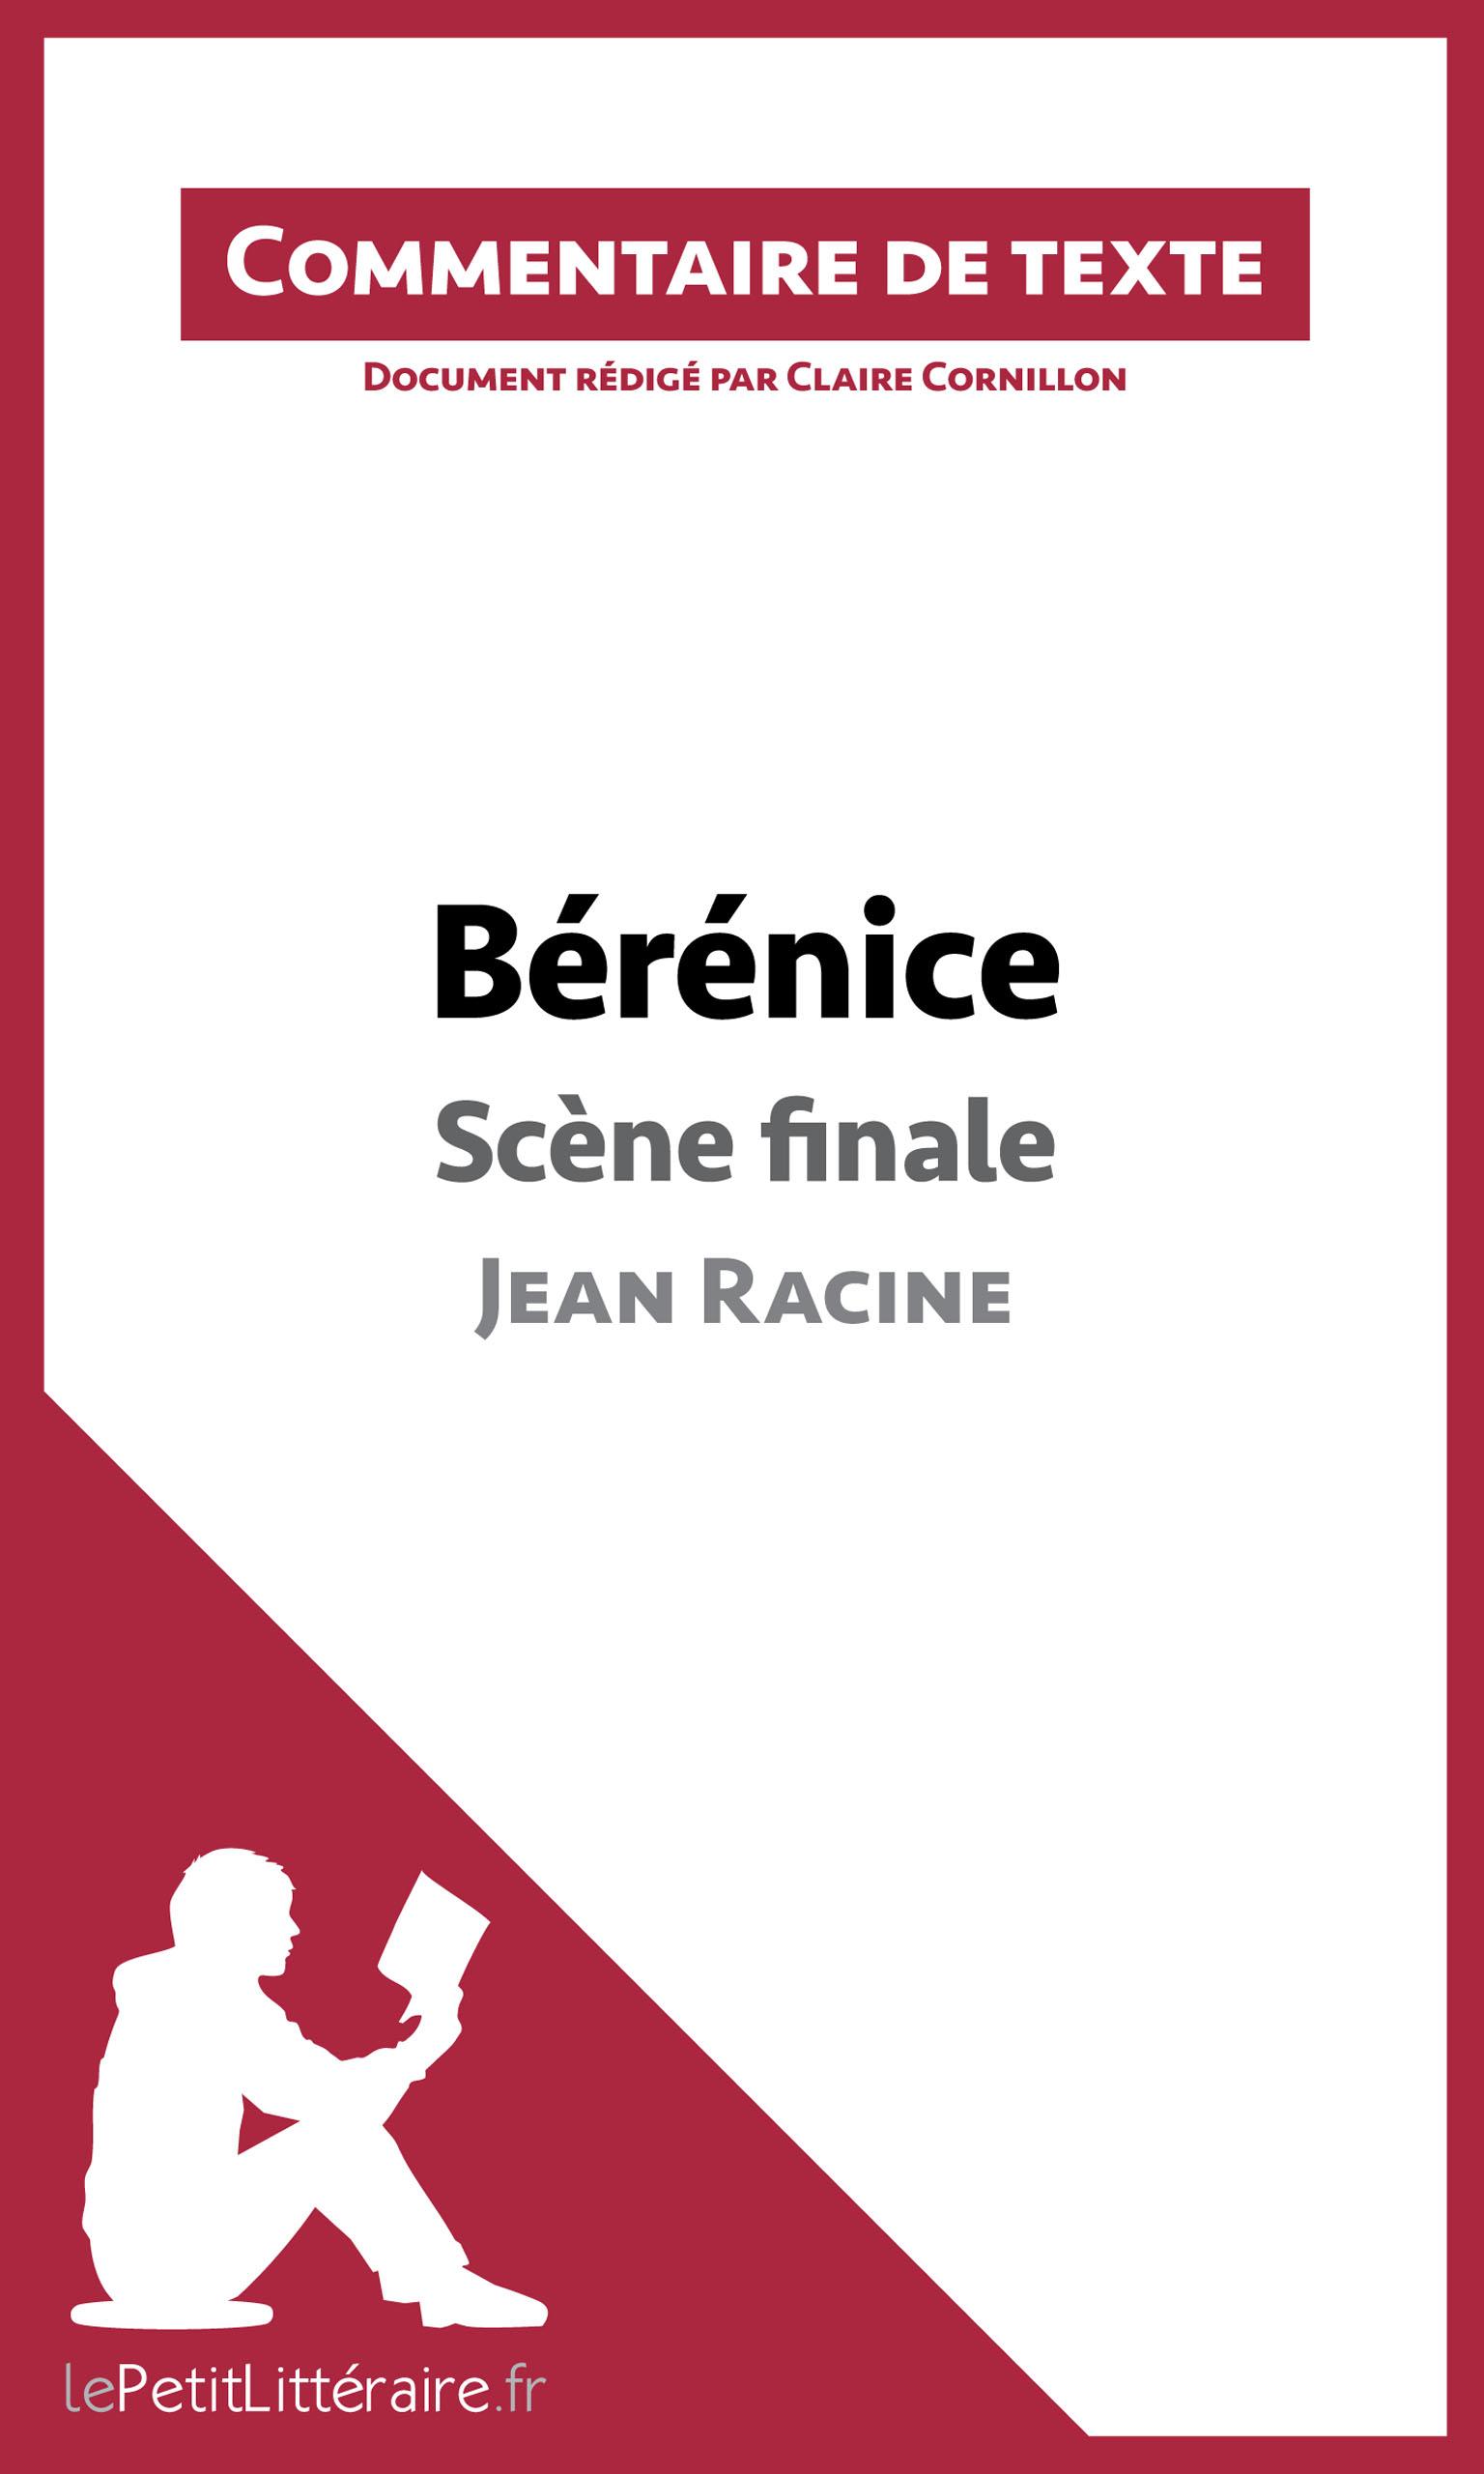 La scène finale